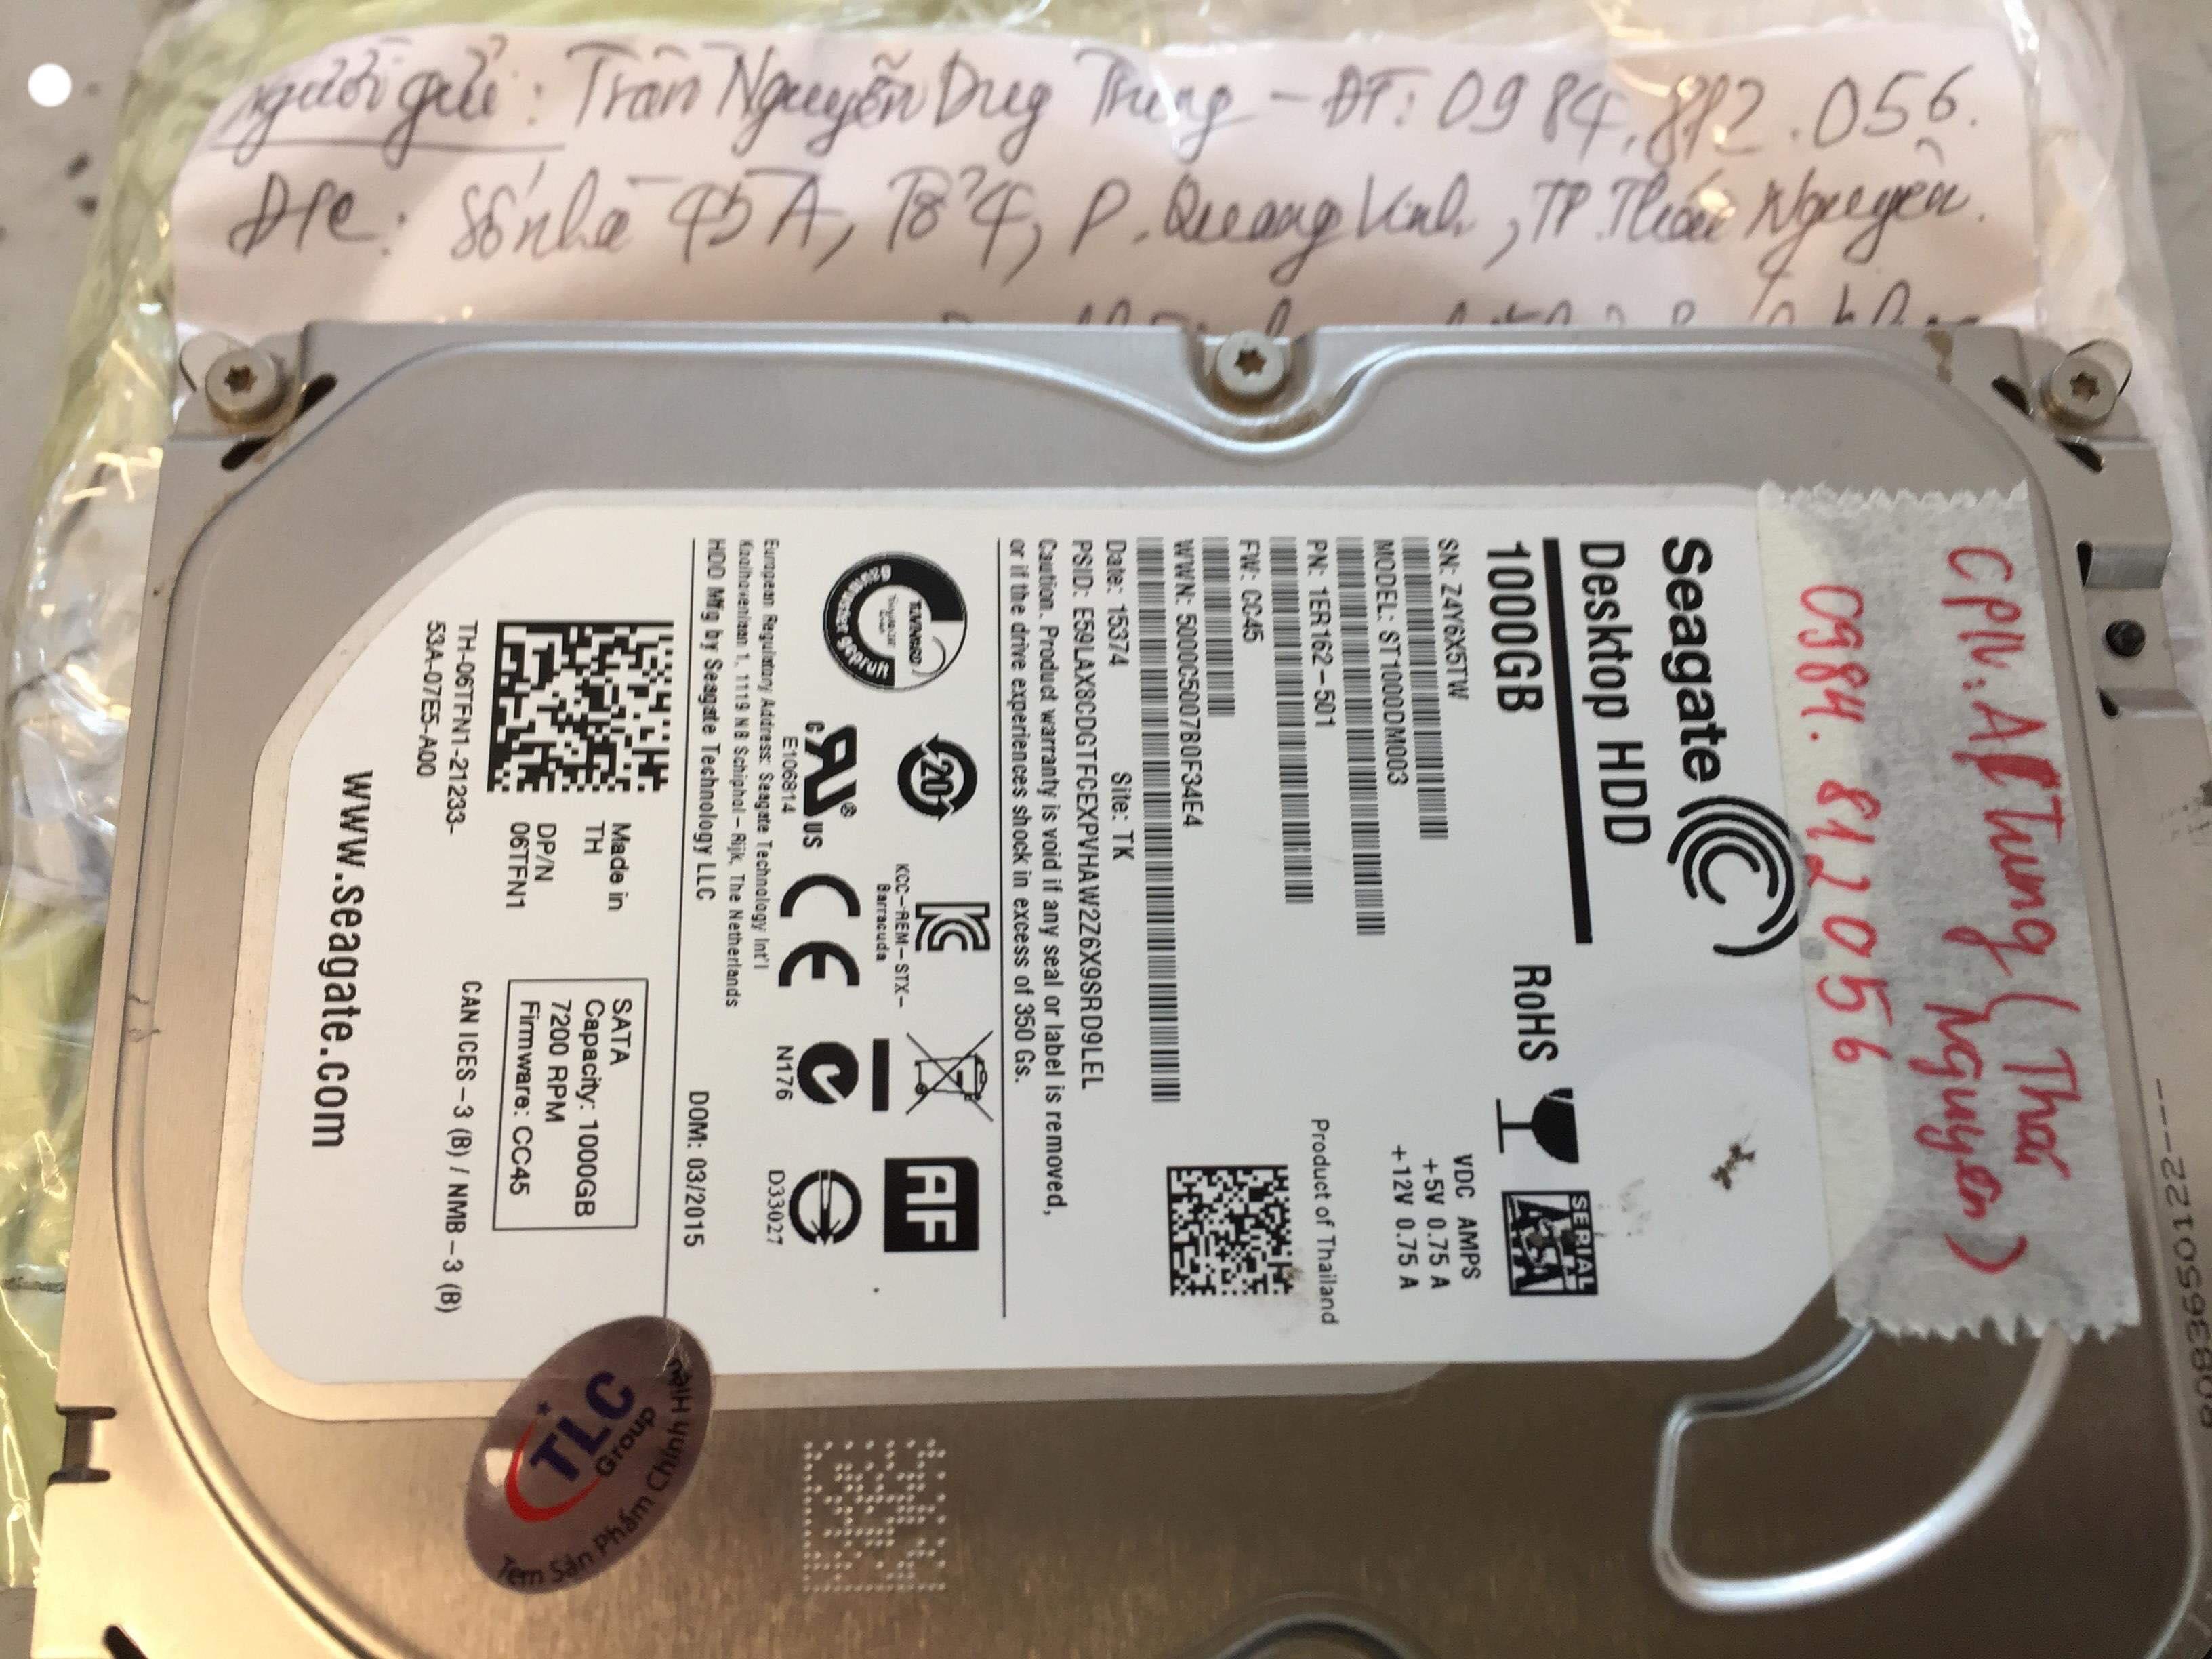 Khôi phục dữ liệu ổ cứng Seagate 1TB gộp ổ, mất dữ liệu 23/03/2019 - cuumaytinh